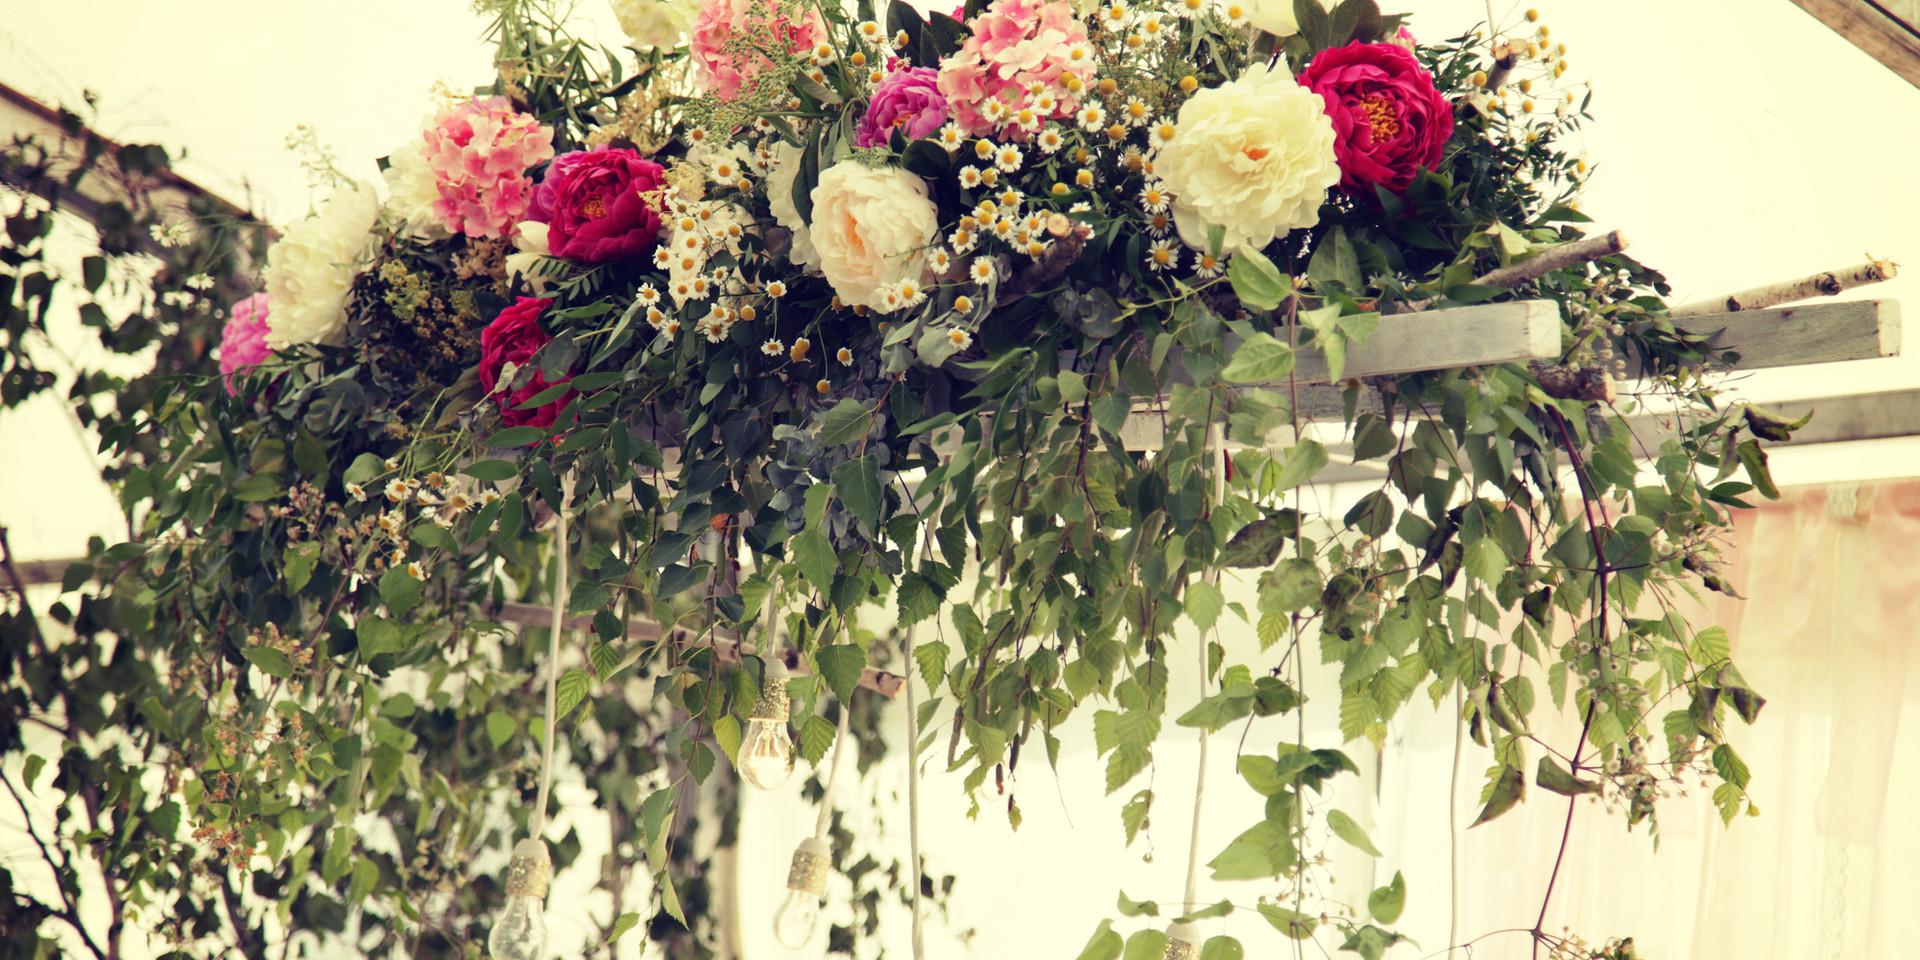 Esküvői virágdísz a főasztal felett